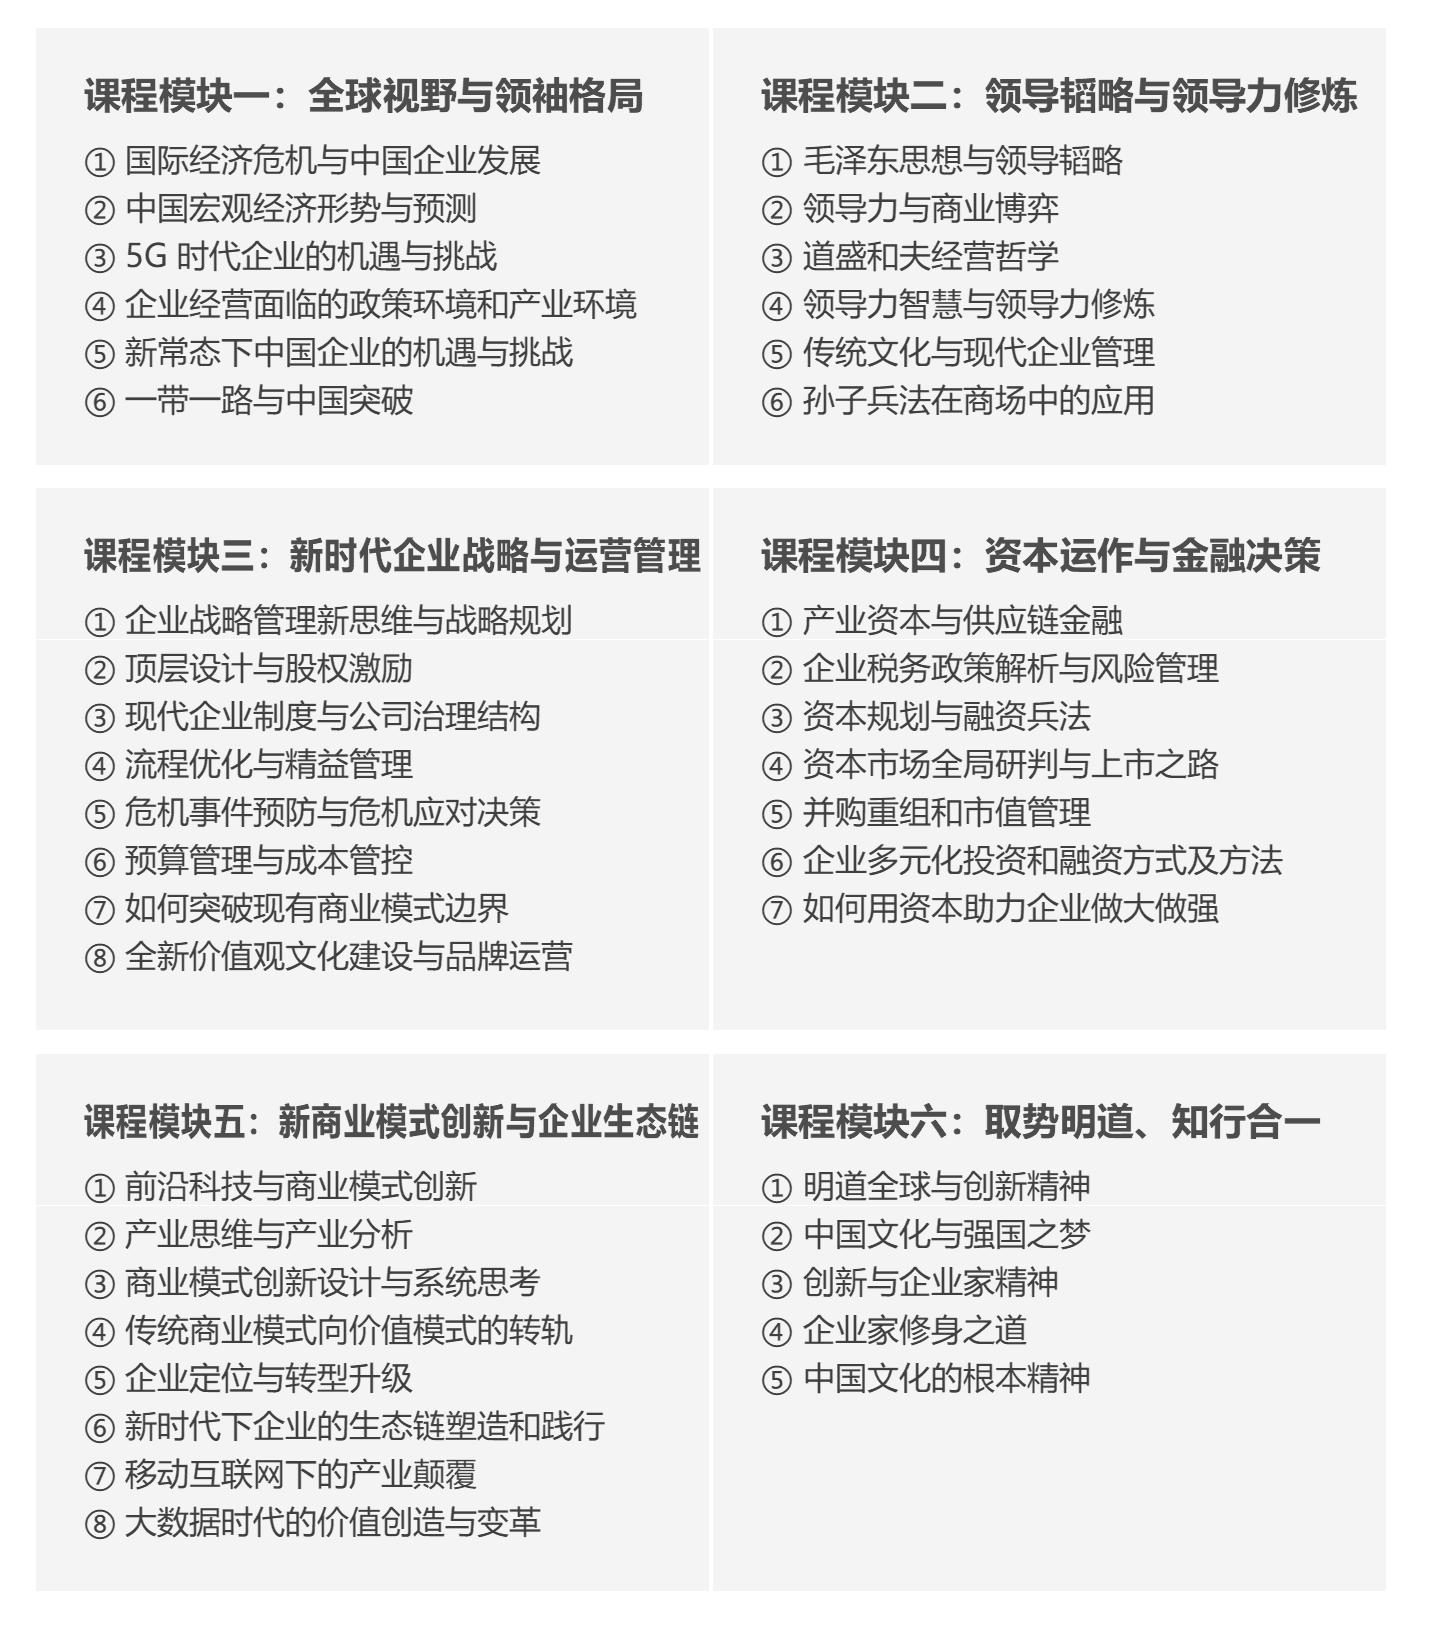 中国创新领袖EMBA-企业家高端项目(1)_07